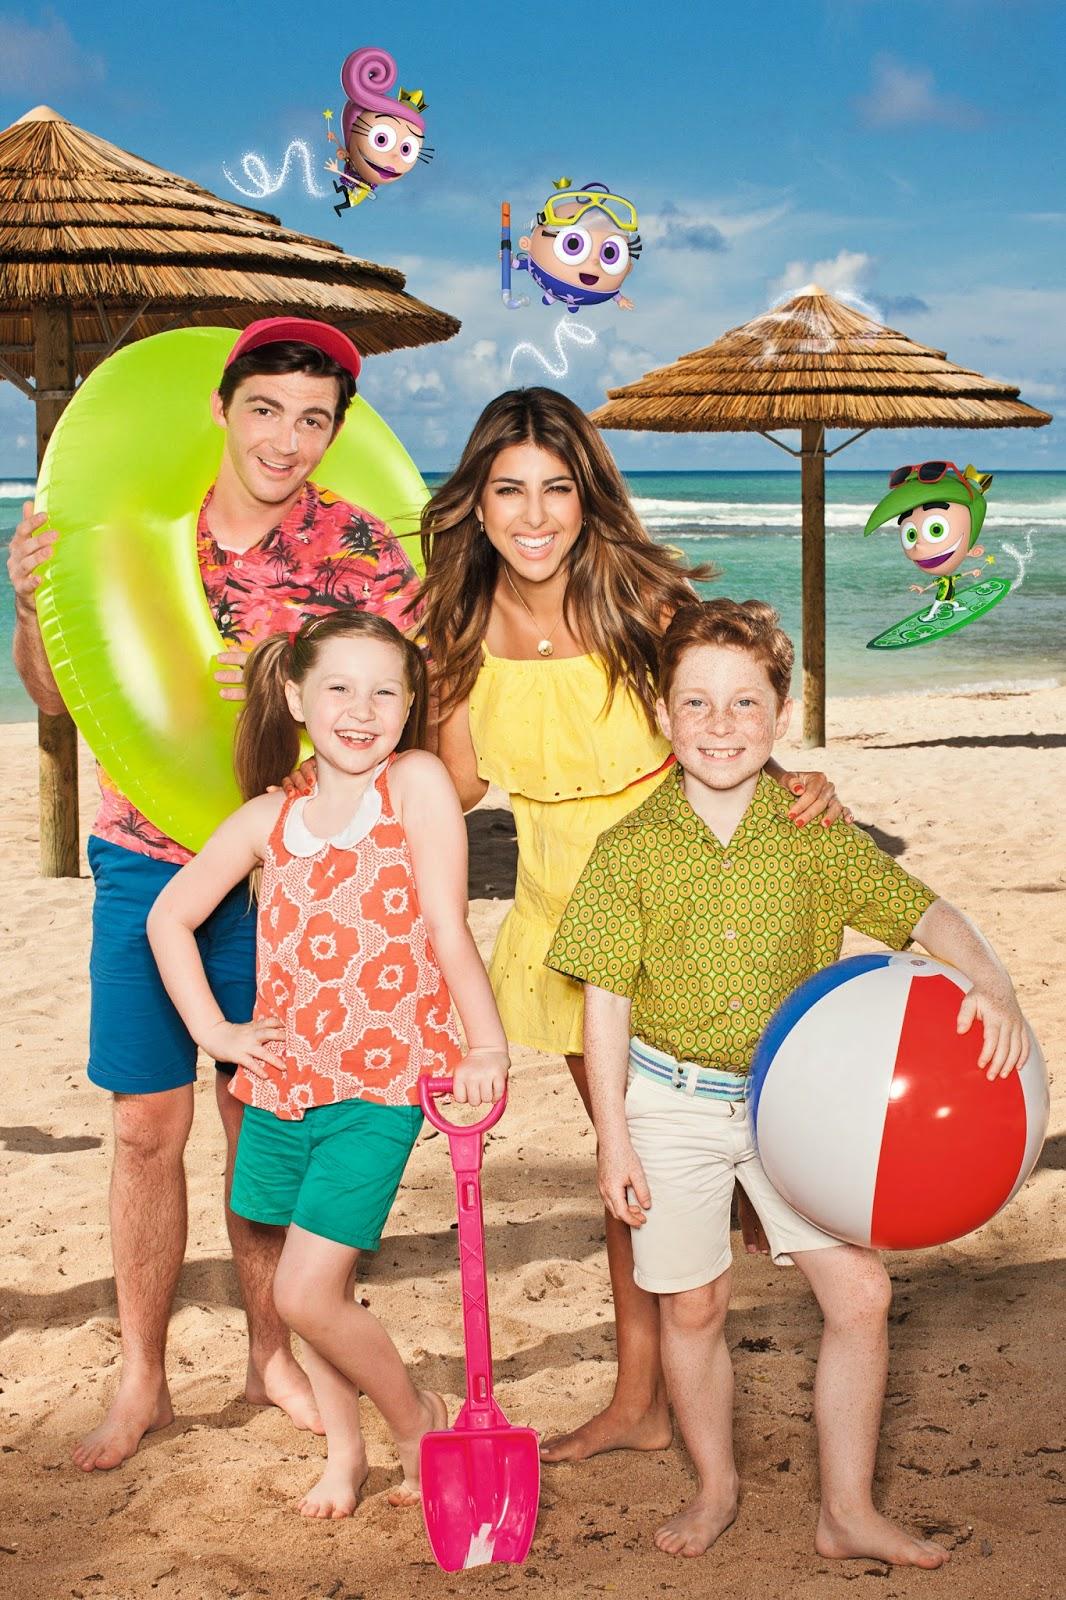 Fairly Odd Summer Cast in a Fairly Odd Summer